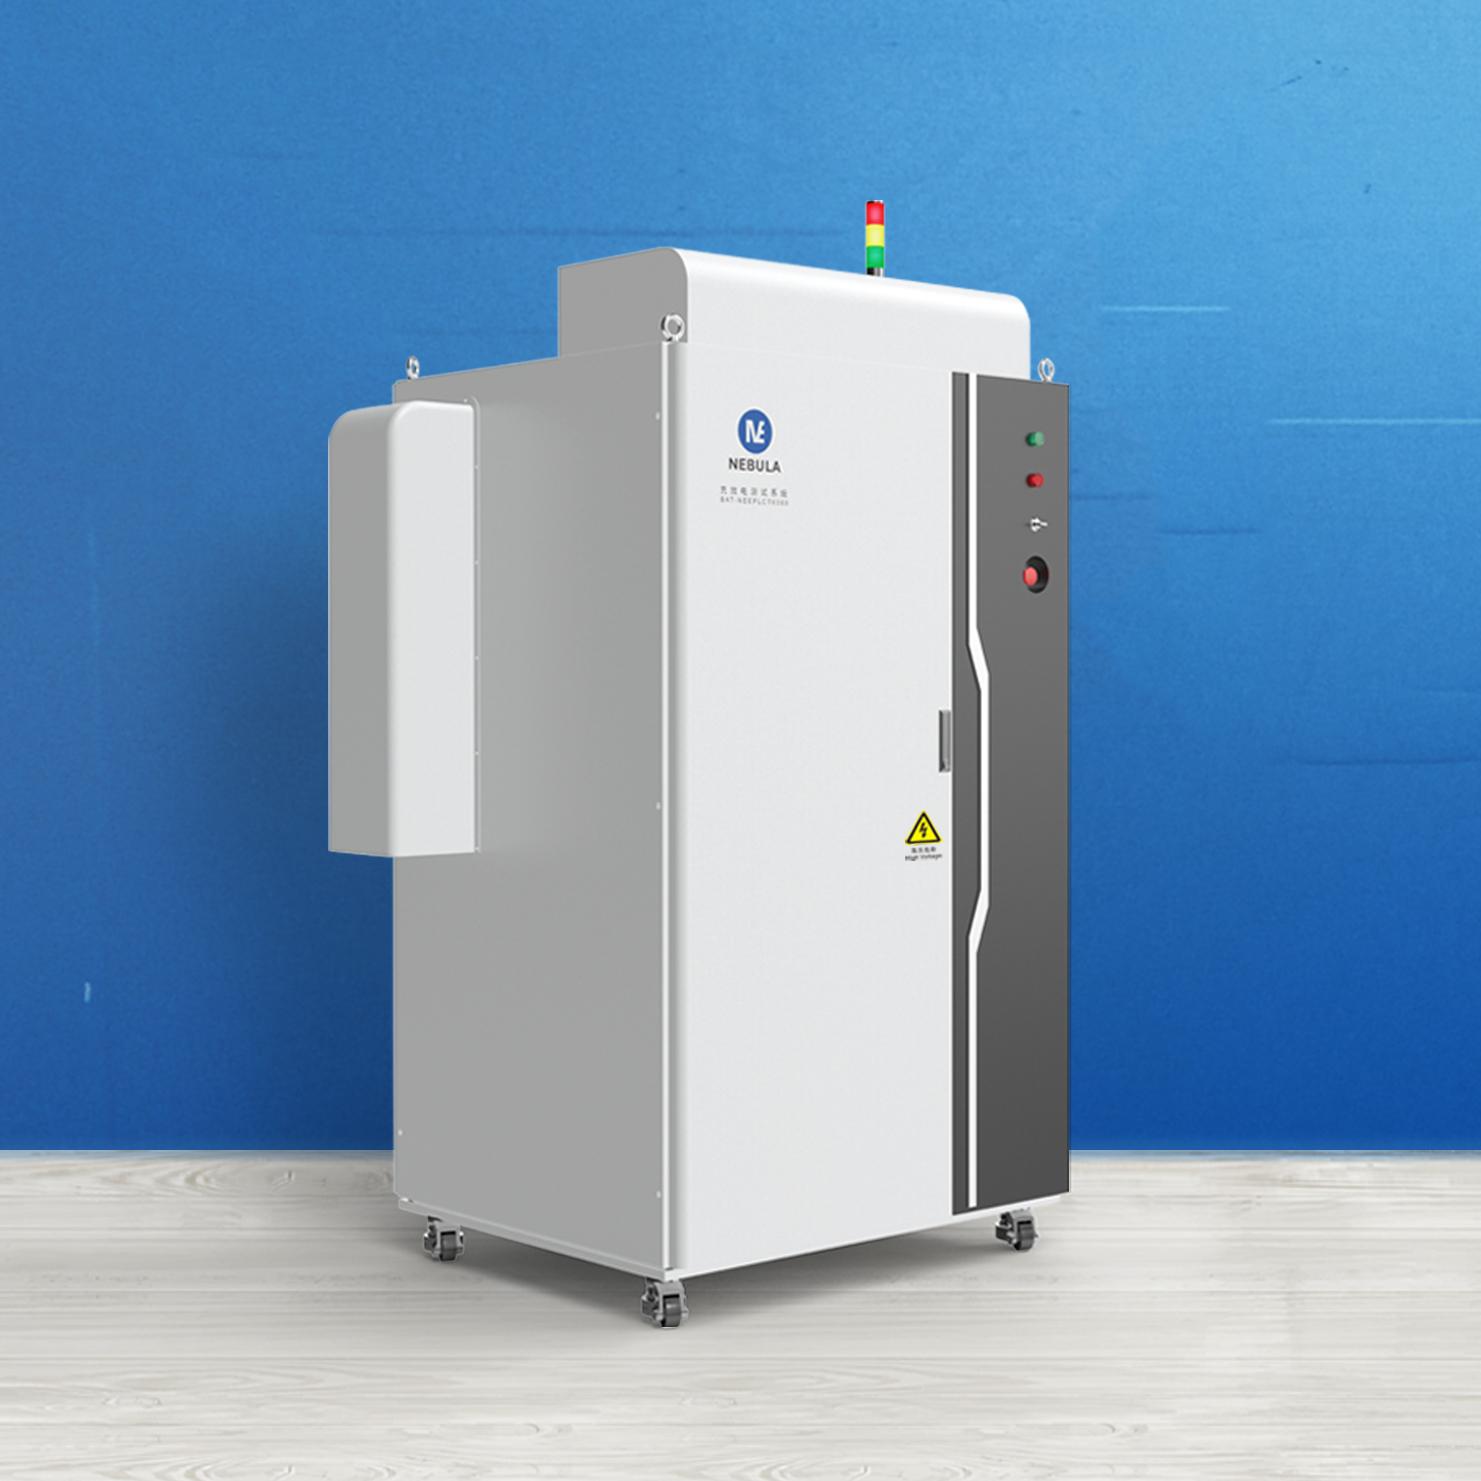 星云动力锂电池组能量回馈充放电测试系统NEM60V60A系列 Featured Image